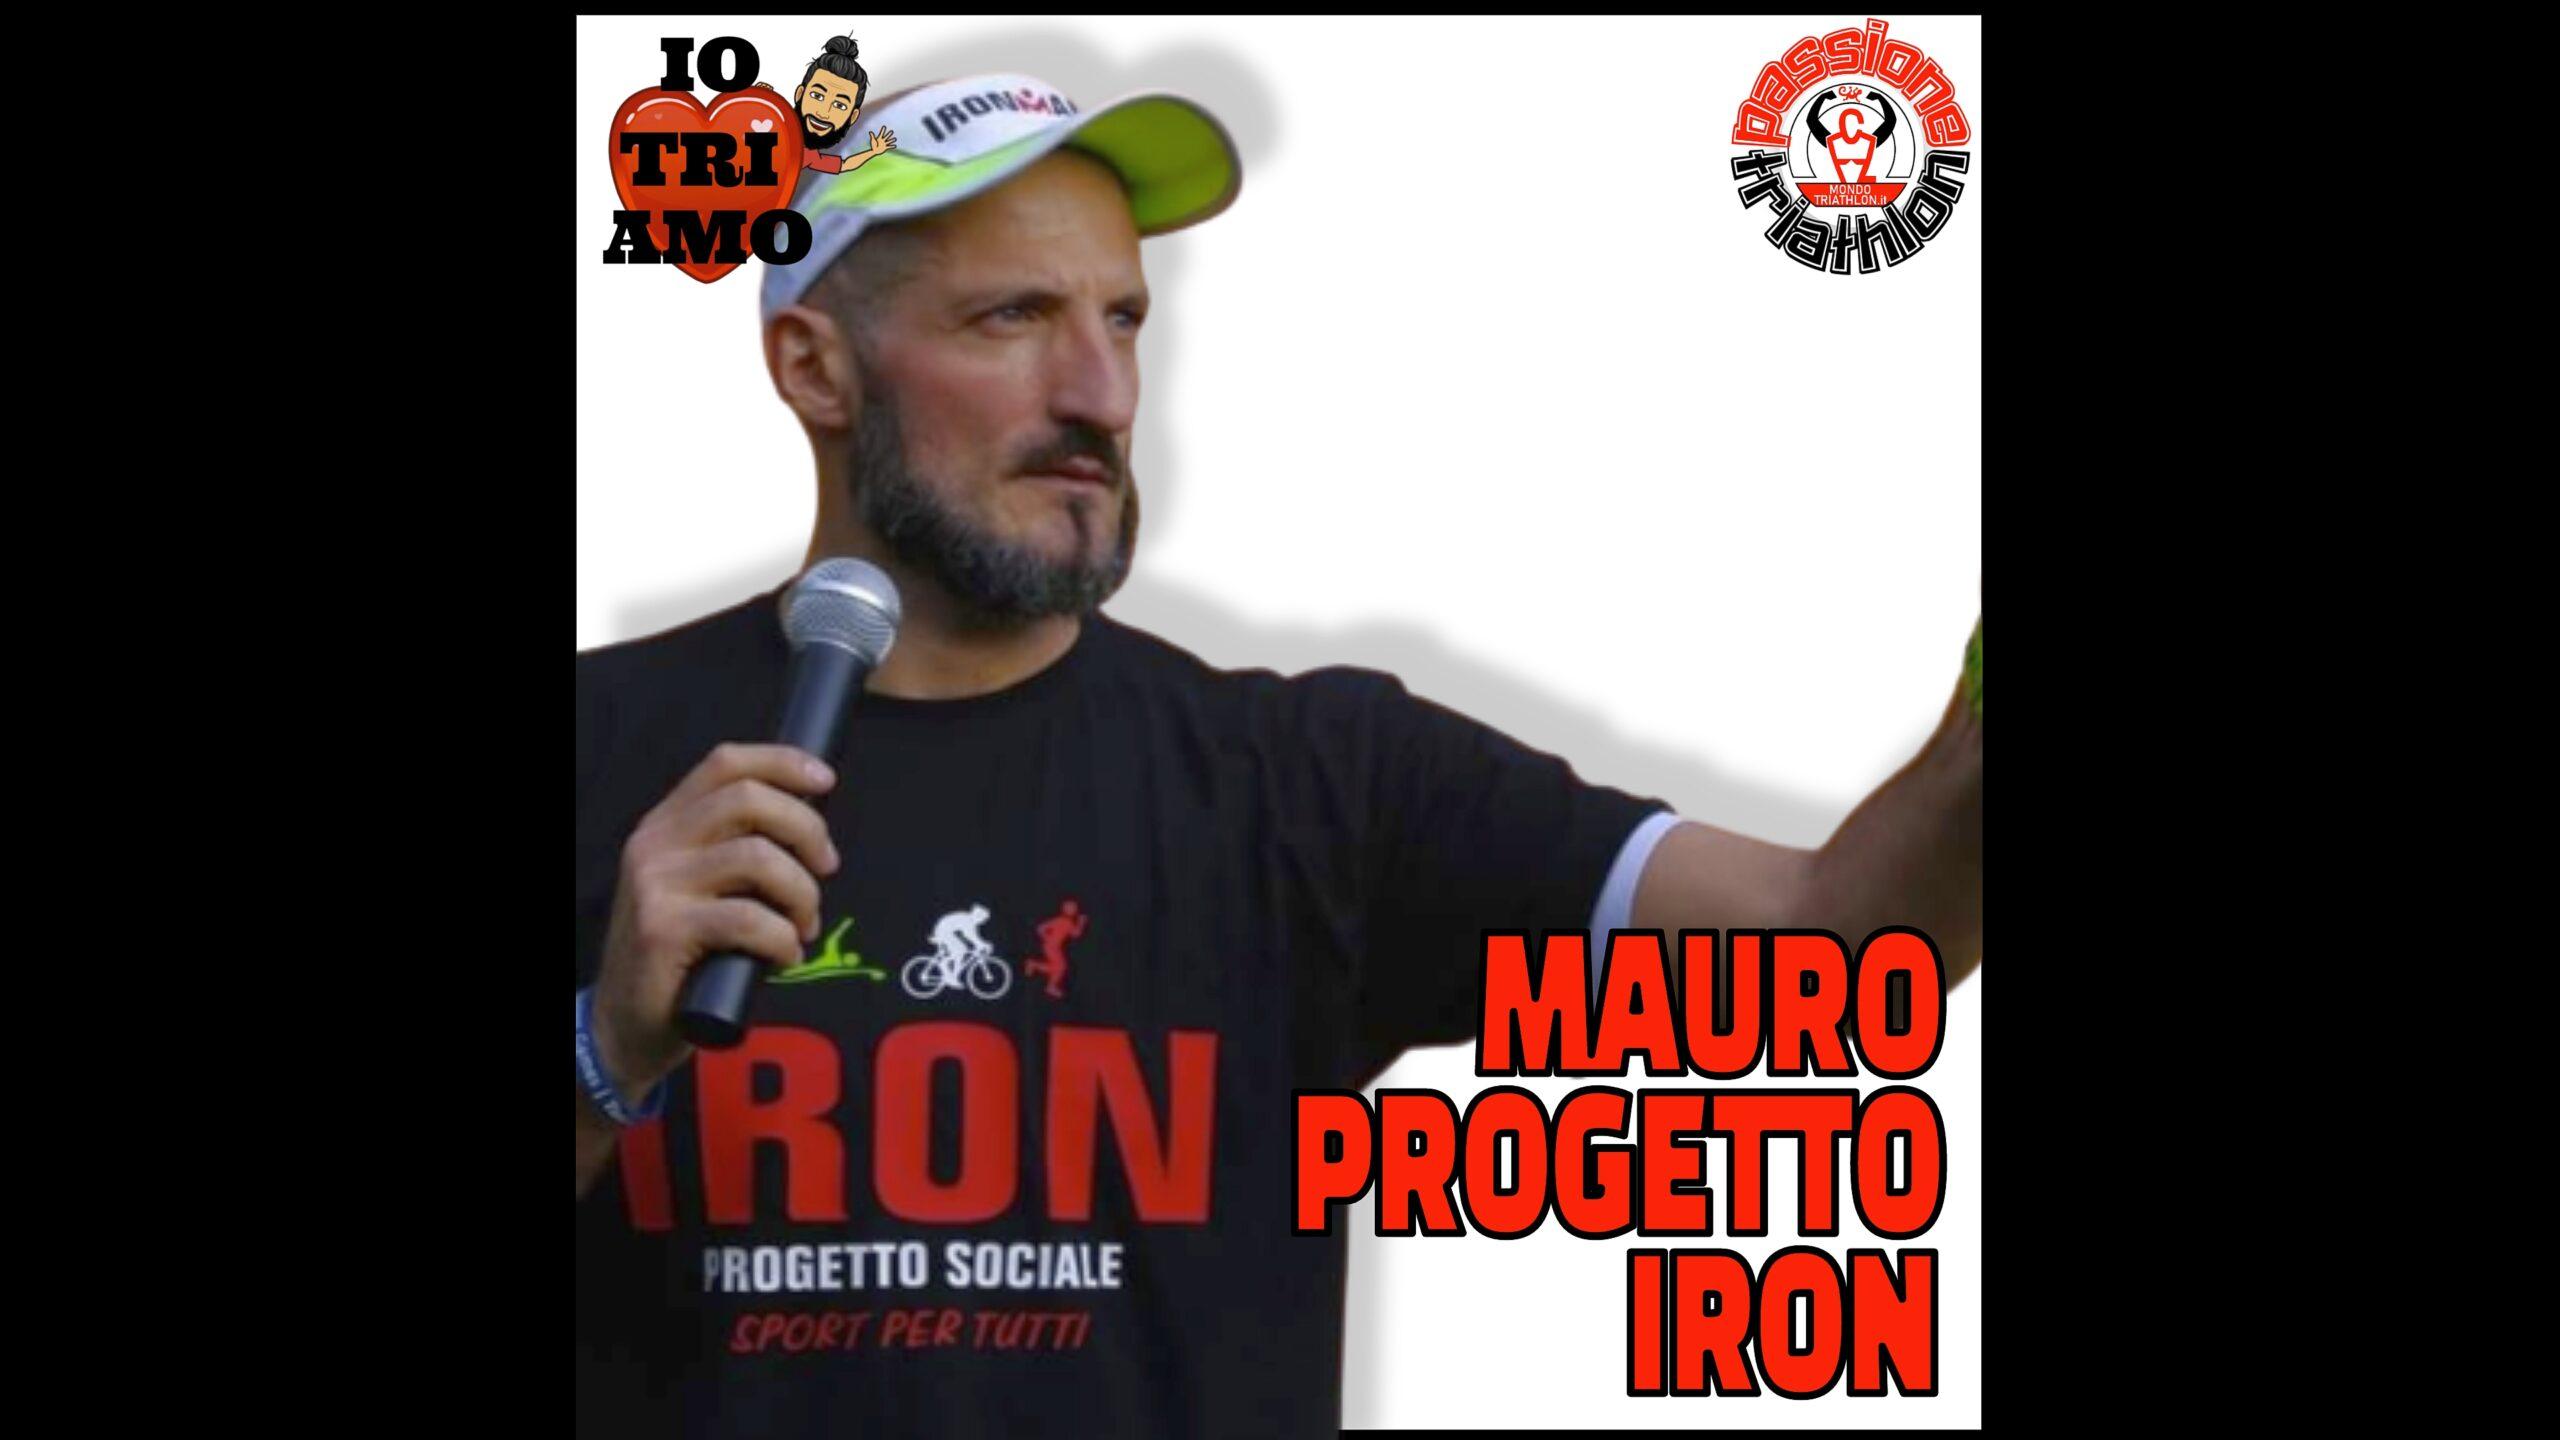 Passione Triathlon Mauro Progetto Iron